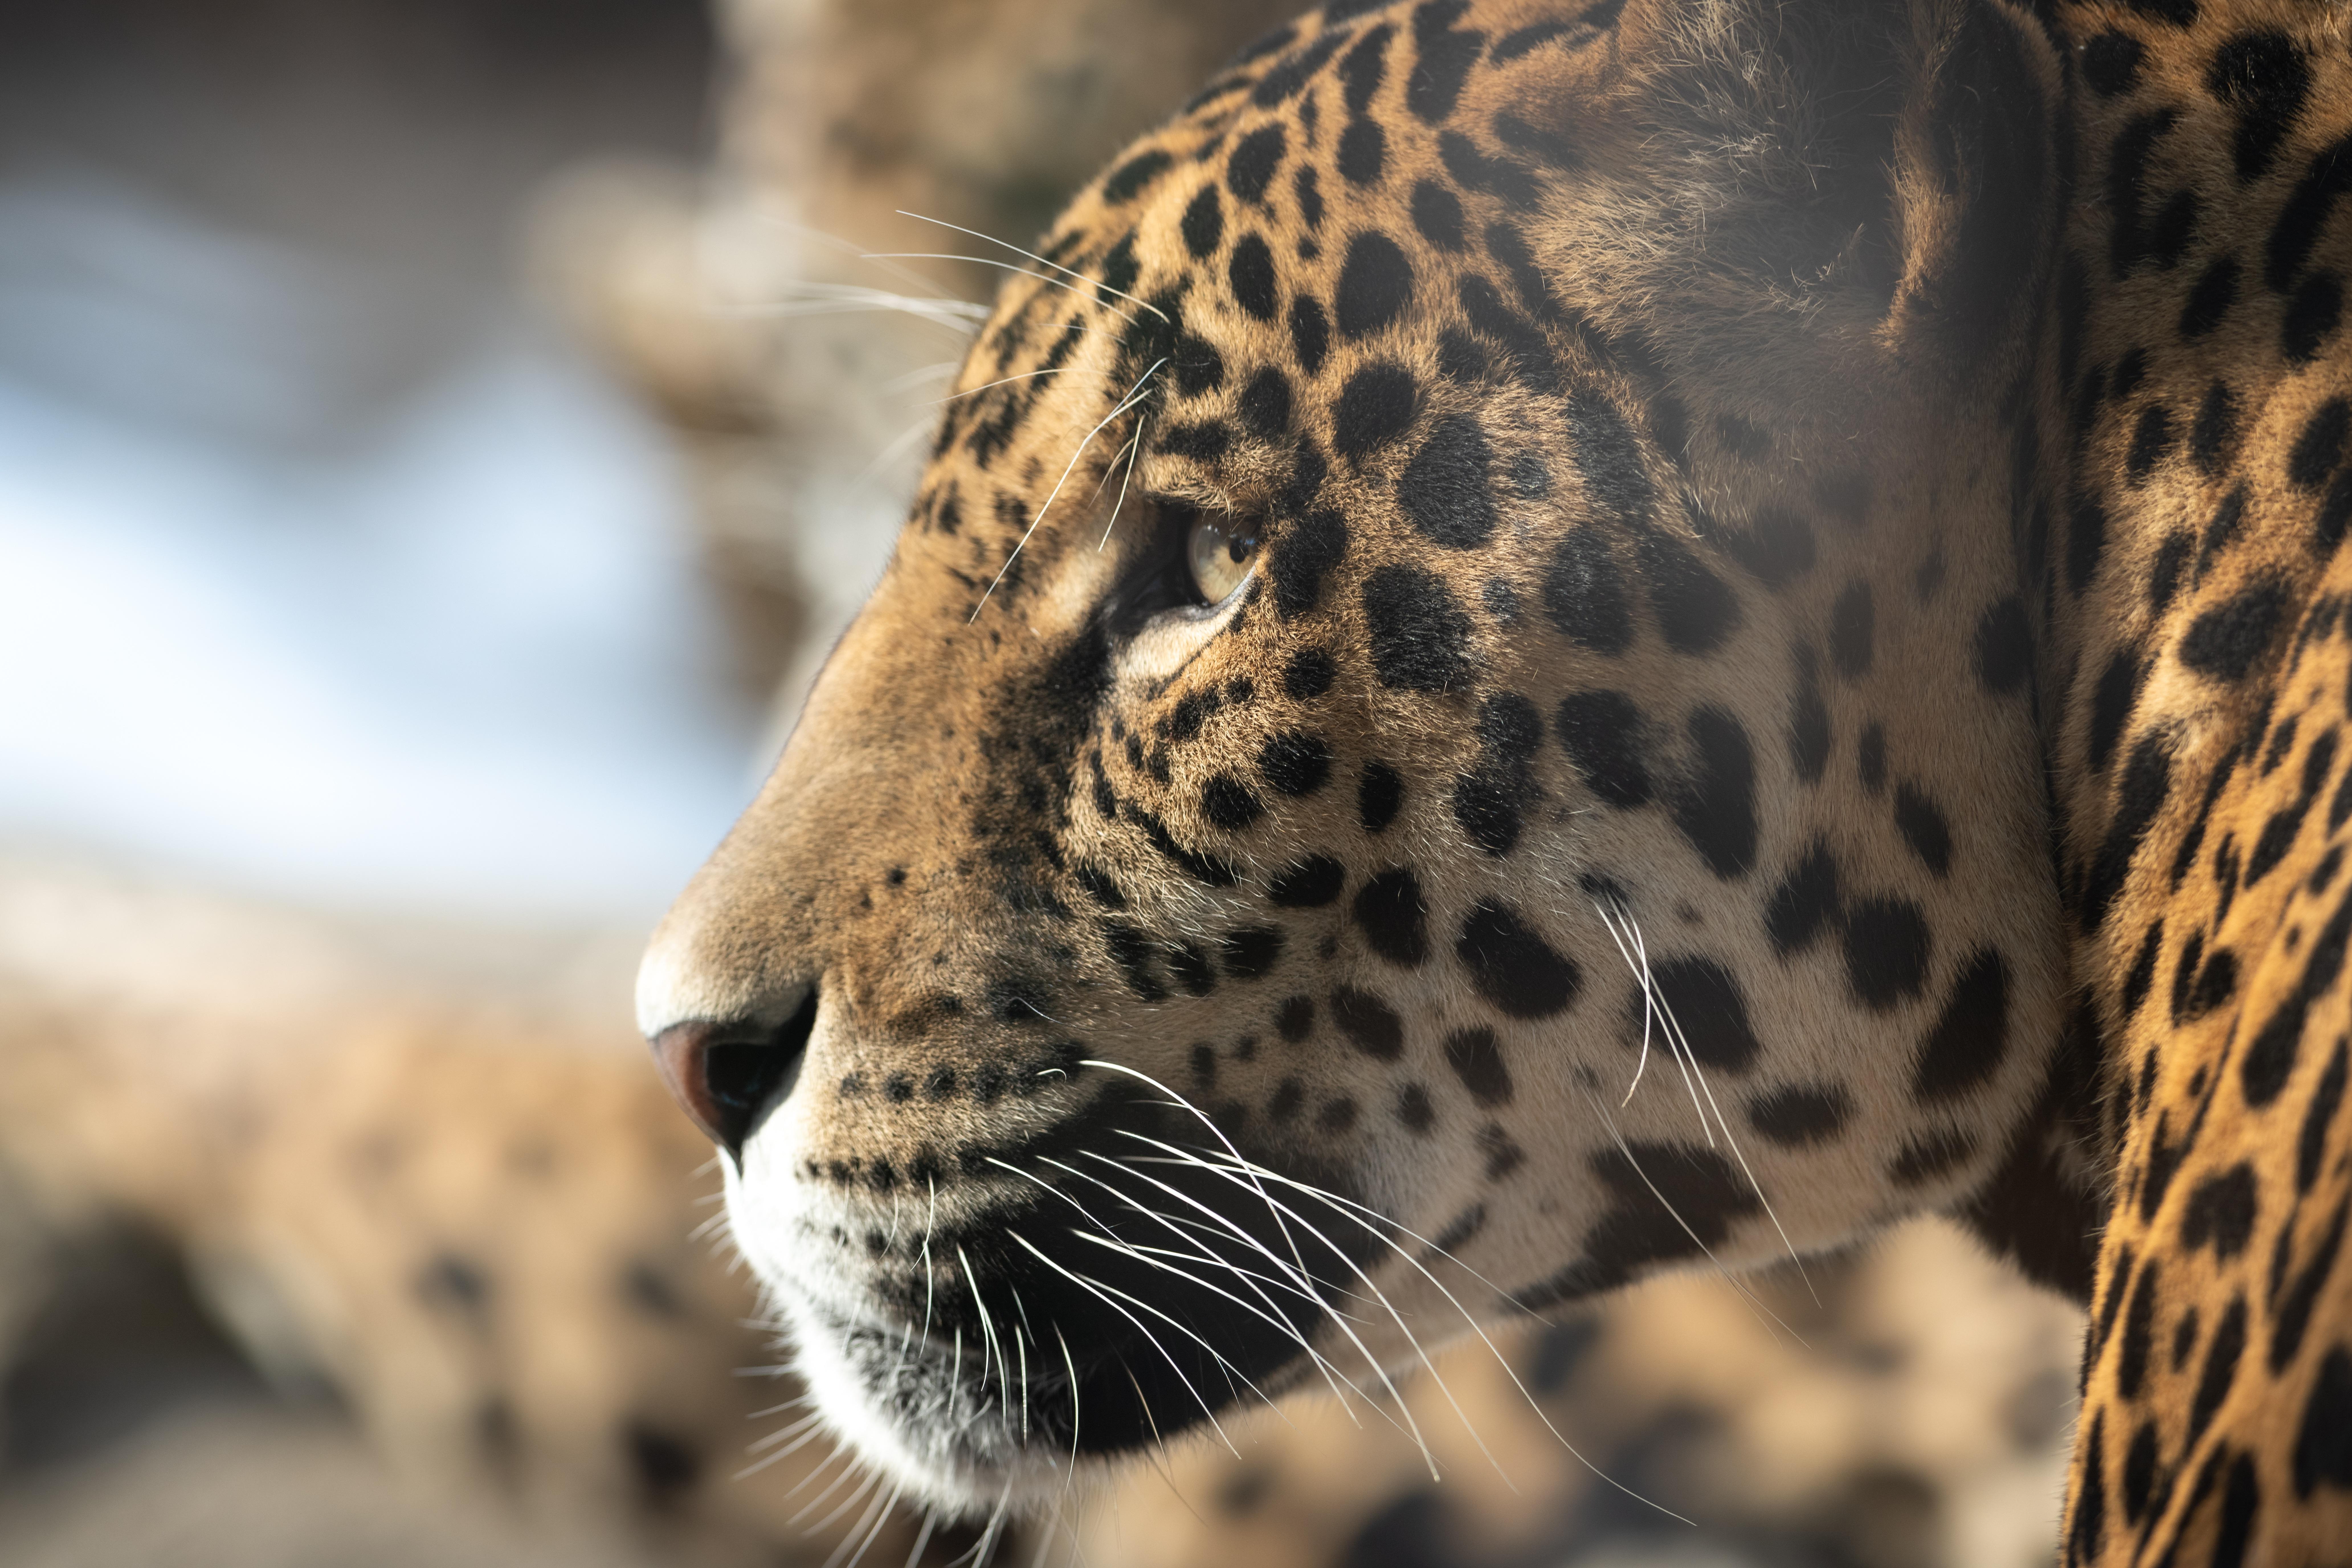 91110 papel de parede 1080x2400 em seu telefone gratuitamente, baixe imagens Animais, Jaguar, Focinho, Gato Grande, Visão, Opinião, Perfil 1080x2400 em seu celular